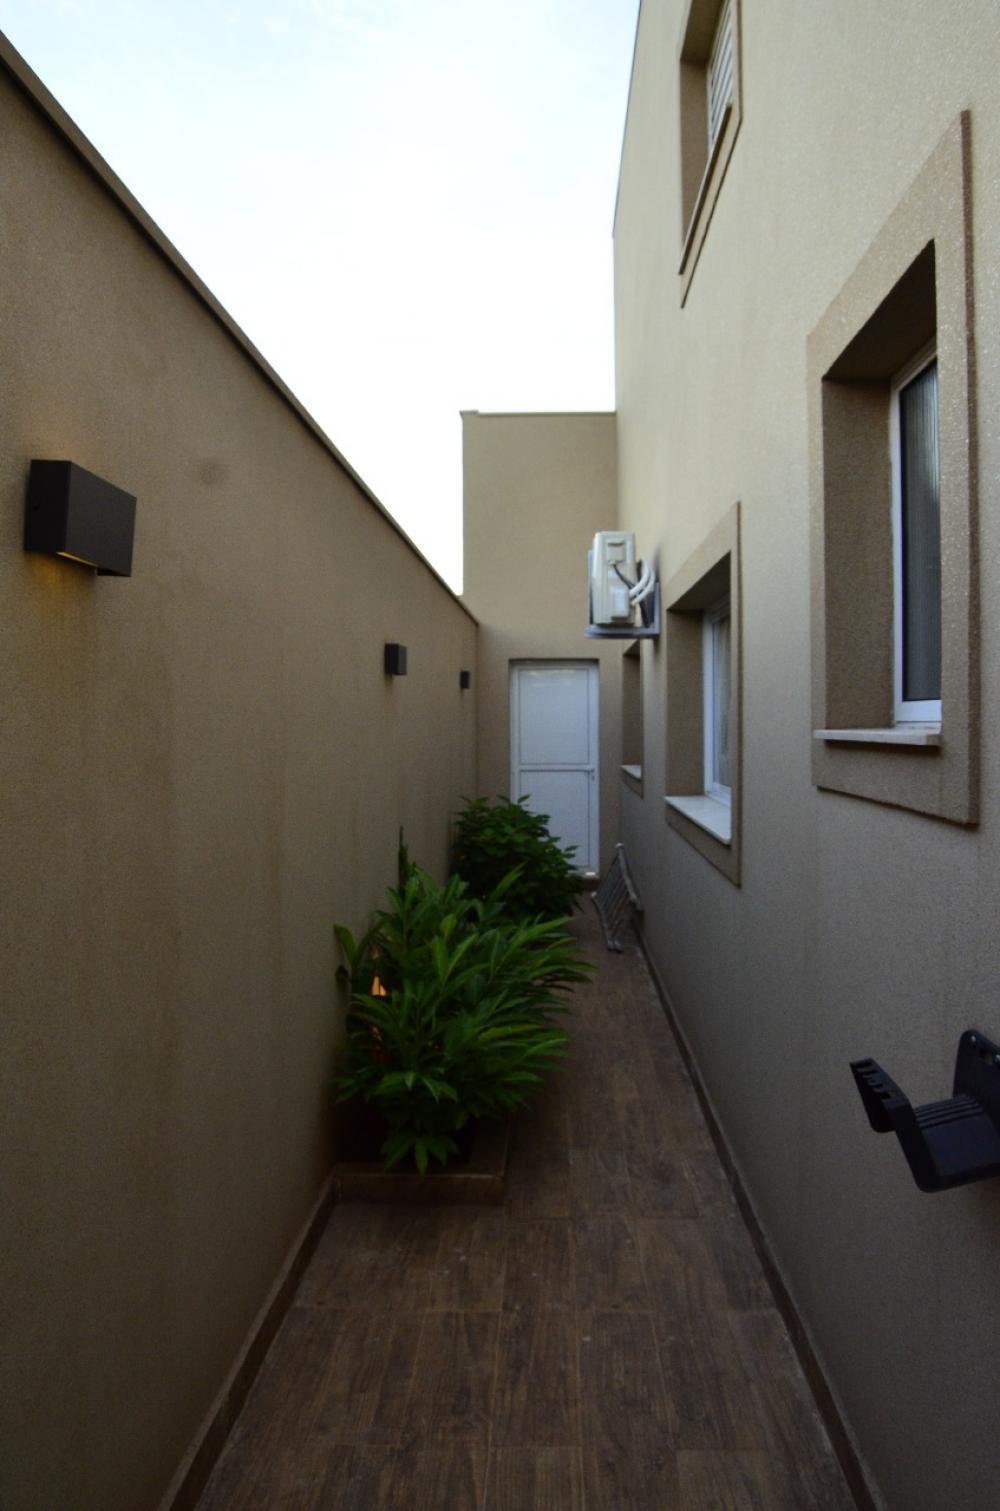 Comprar Casa / Condomínio em São José do Rio Preto apenas R$ 2.300.000,00 - Foto 33